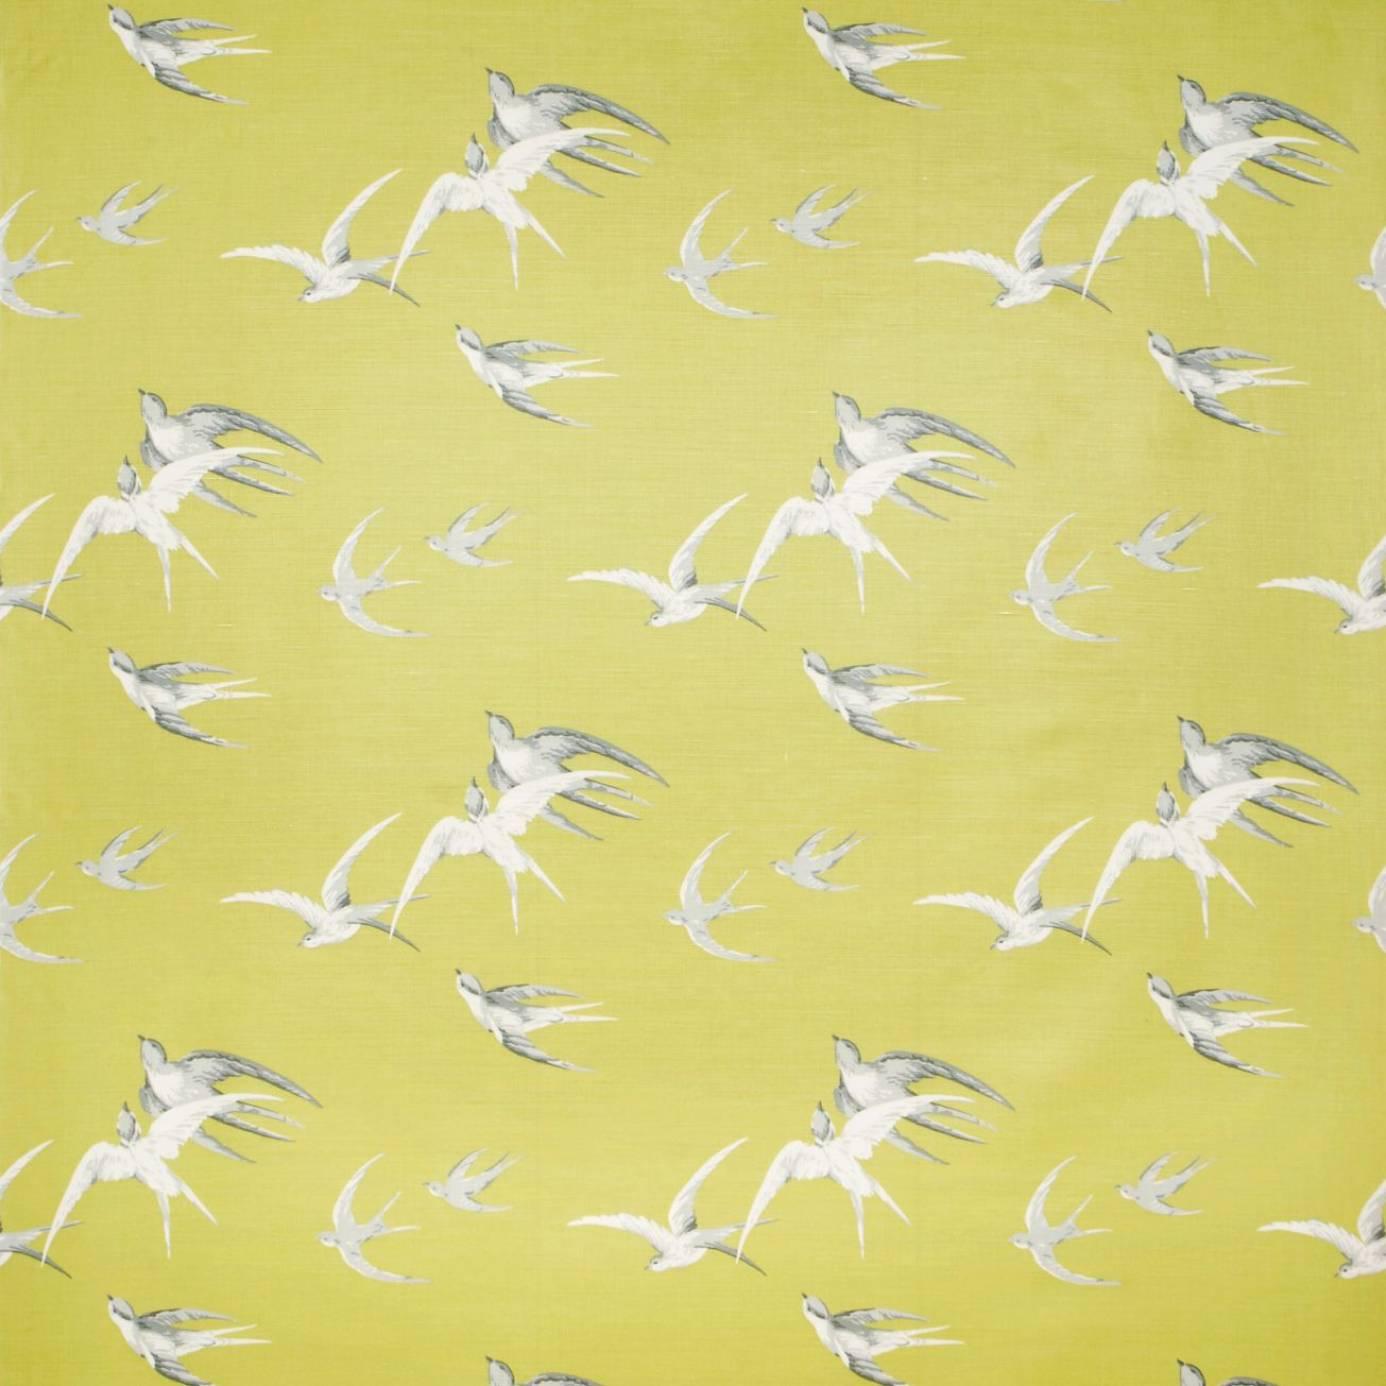 swallows wallpaper lime dviwsw101 sanderson vintage. Black Bedroom Furniture Sets. Home Design Ideas